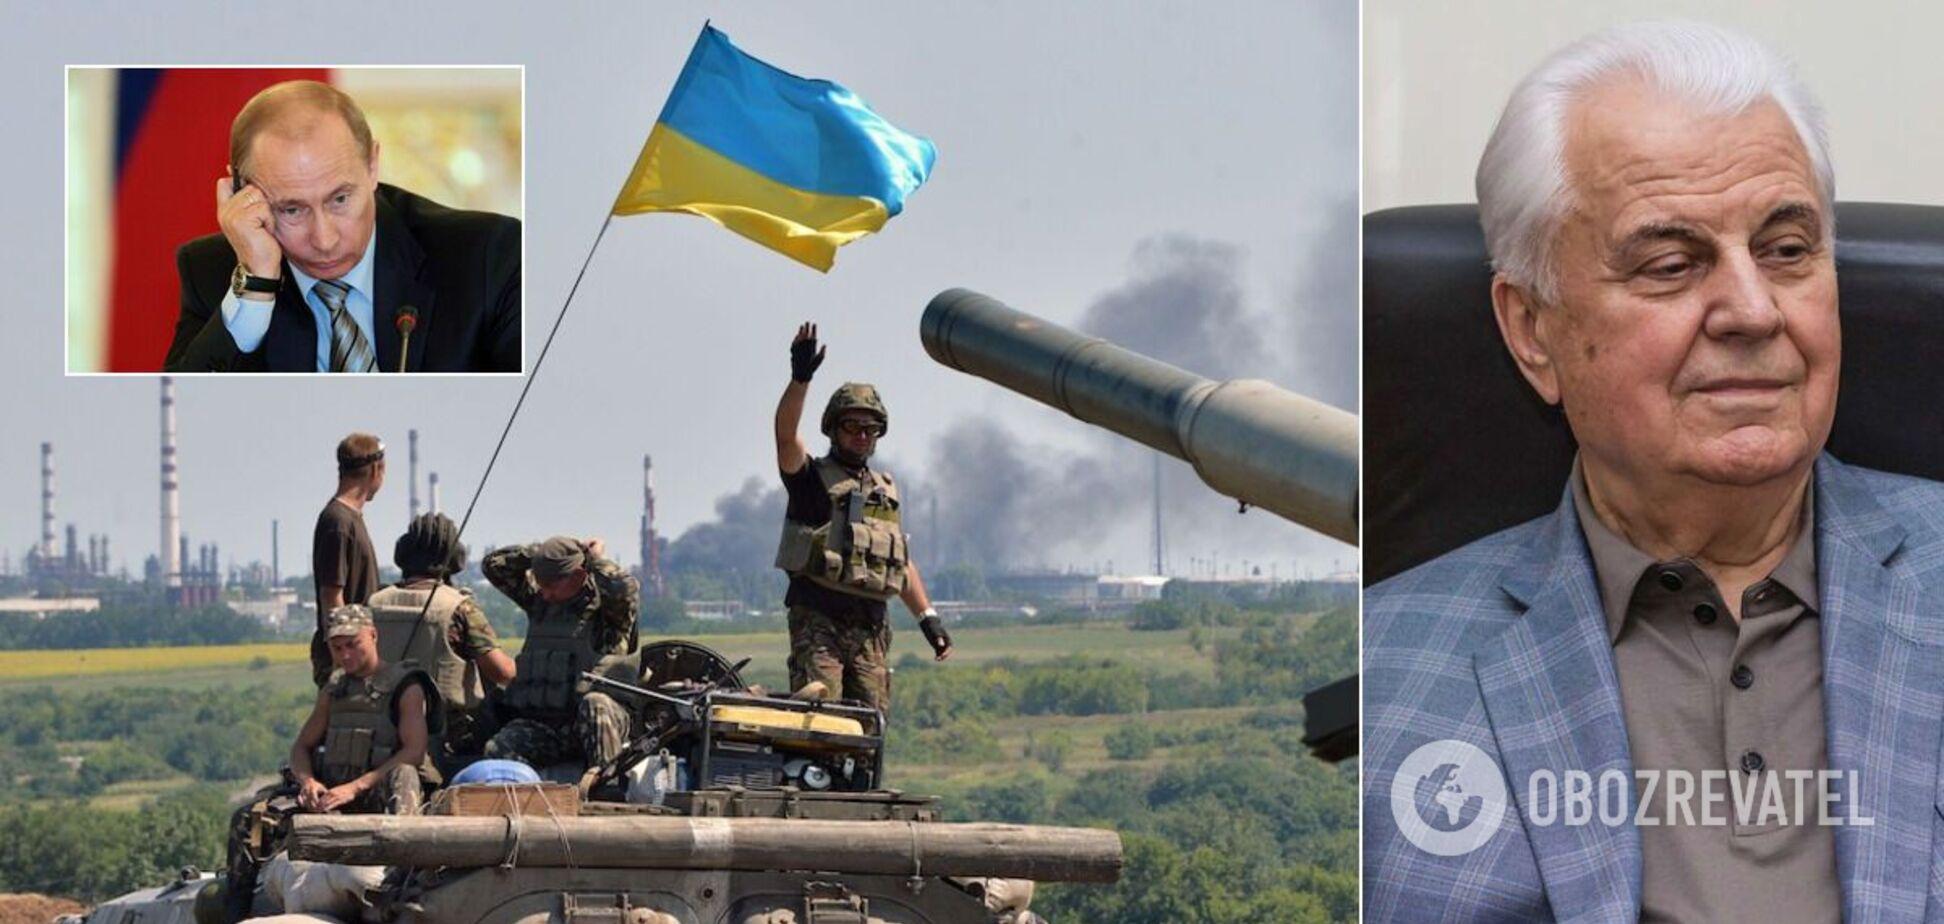 ЕС снял с Украины ответственность за войну на Донбассе, – Кравчук